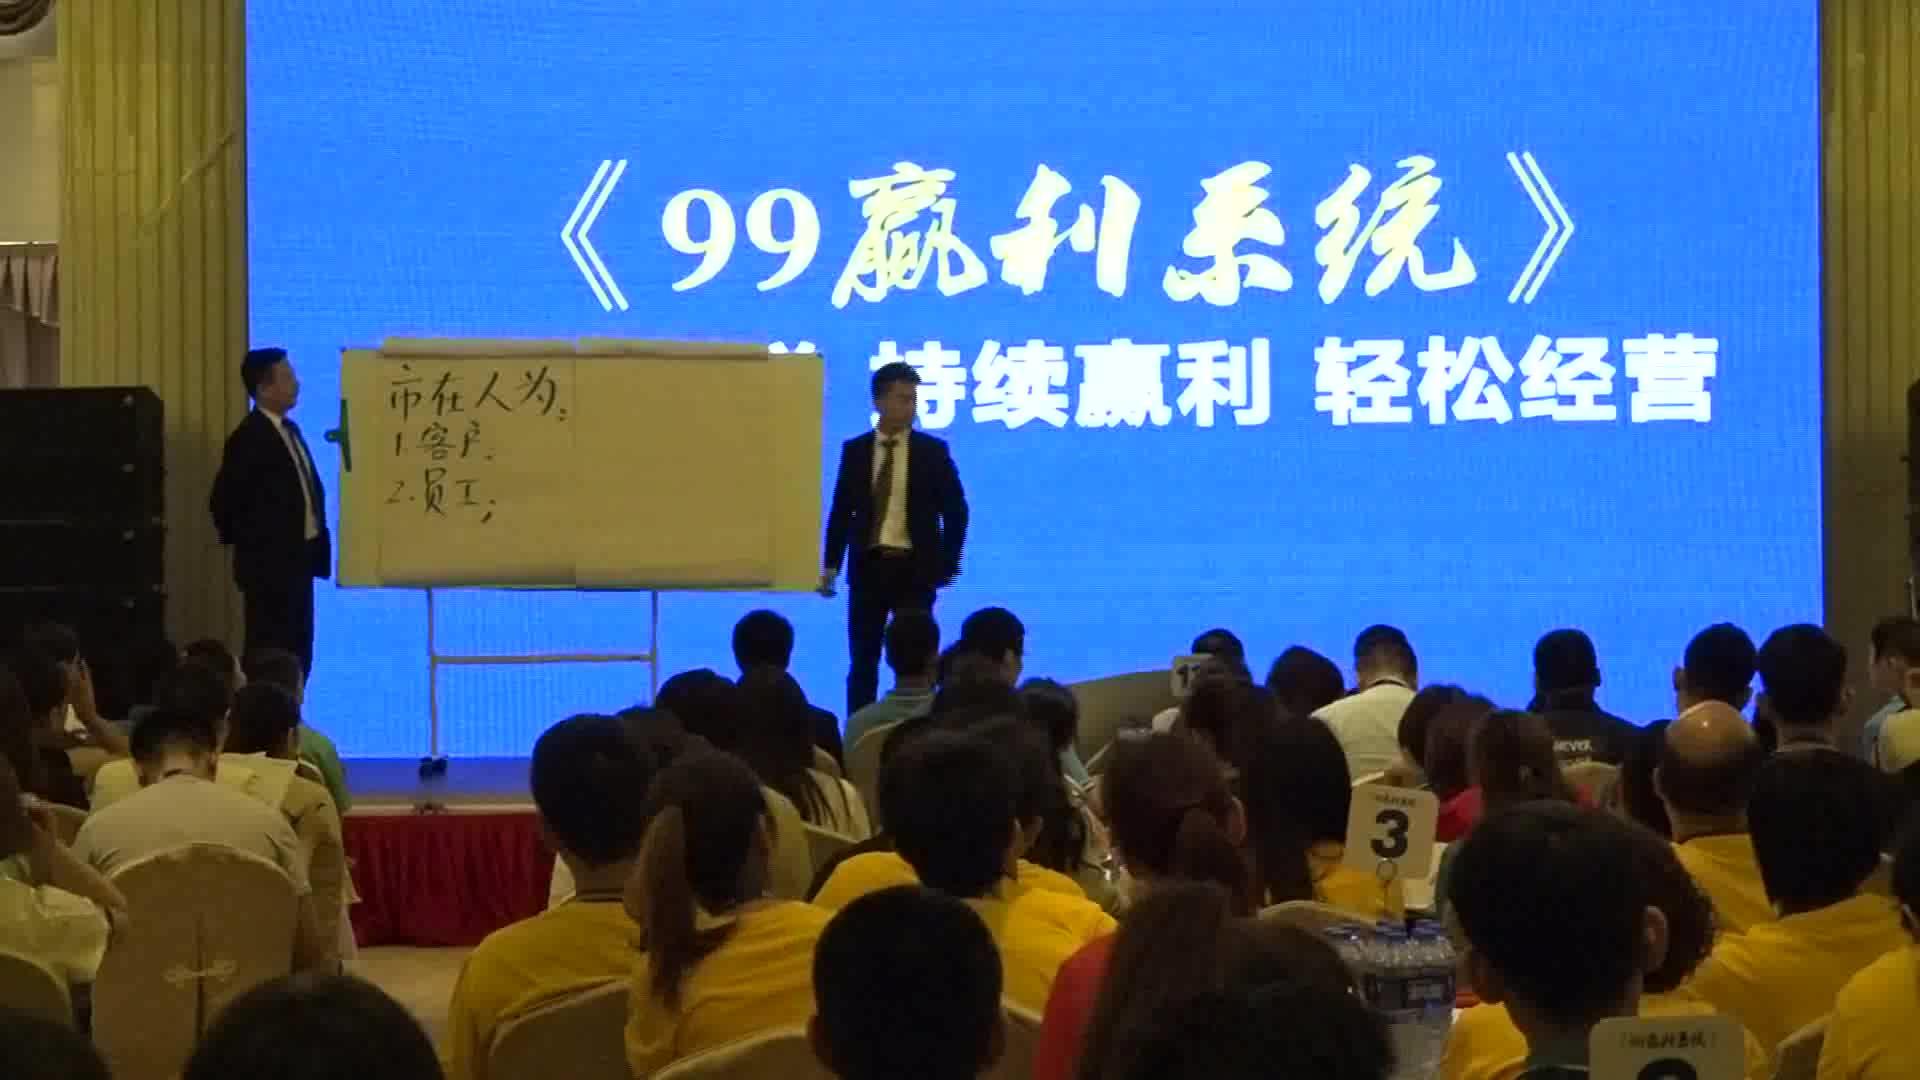 《99赢利系统》11日上午课程